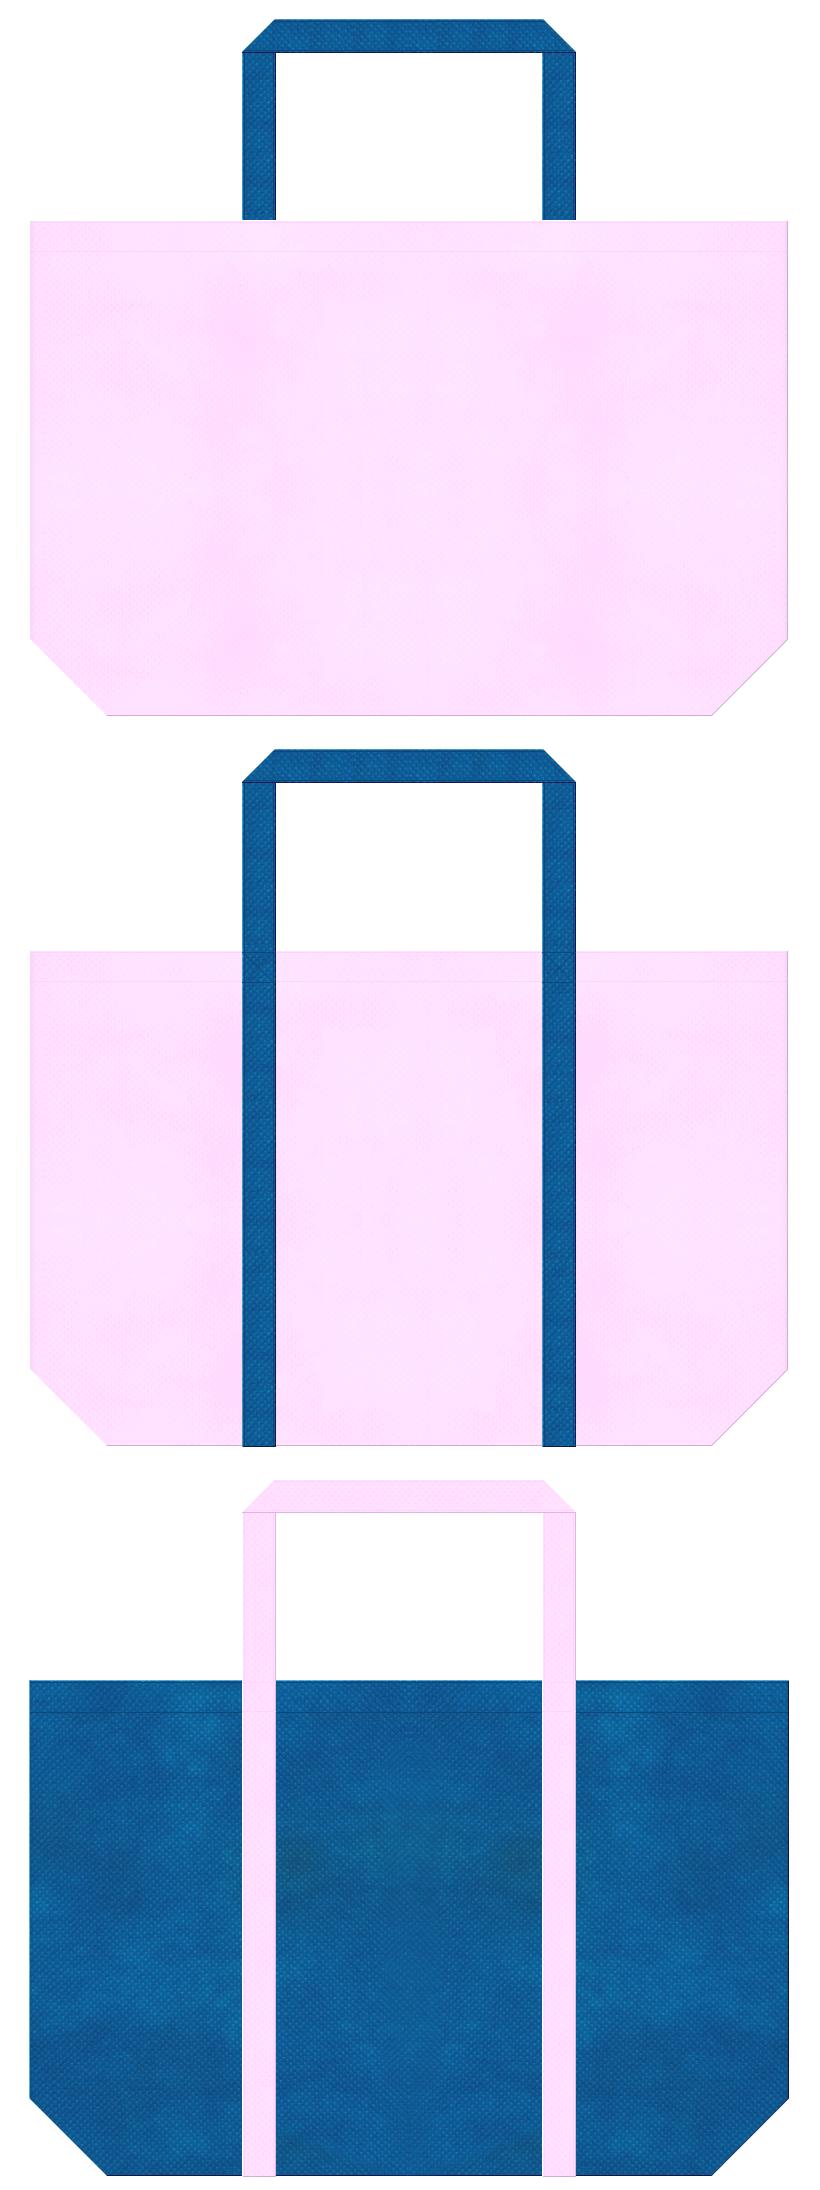 不織布バッグのデザイン:パステルピンク色と青色のコーデ